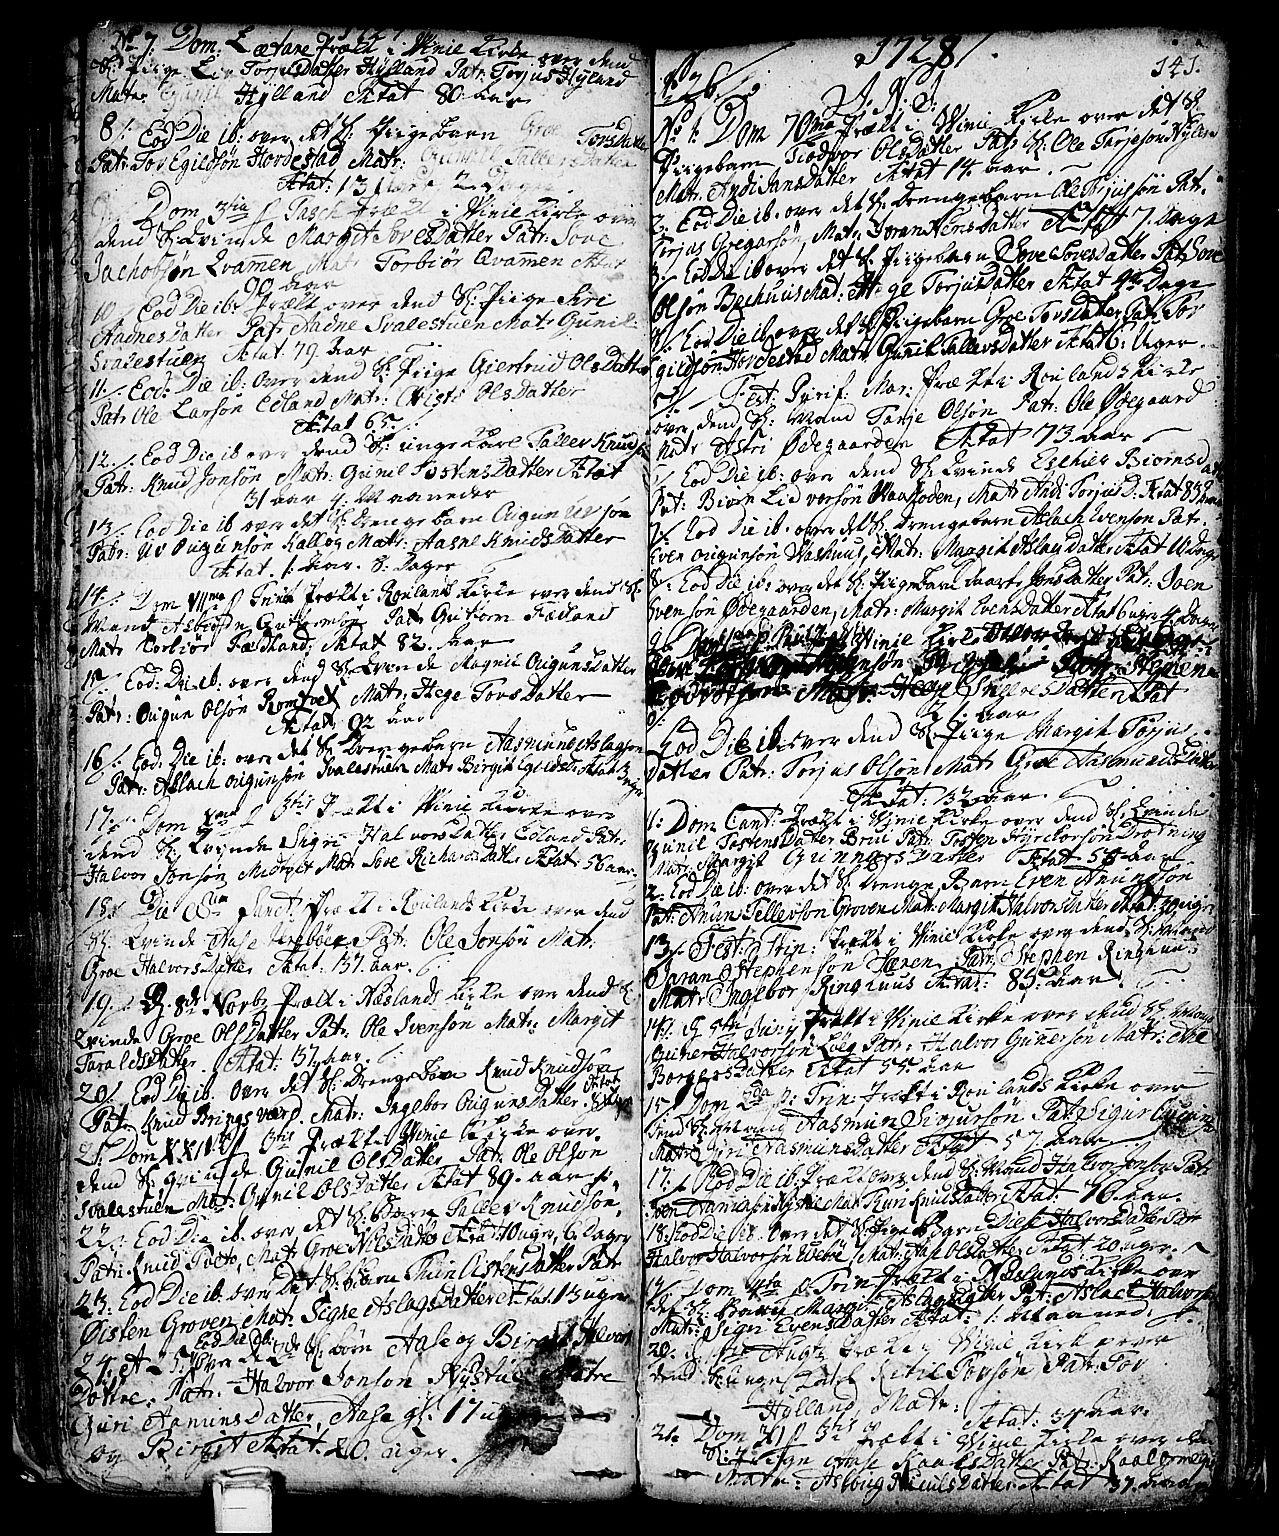 SAKO, Vinje kirkebøker, F/Fa/L0001: Ministerialbok nr. I 1, 1717-1766, s. 141